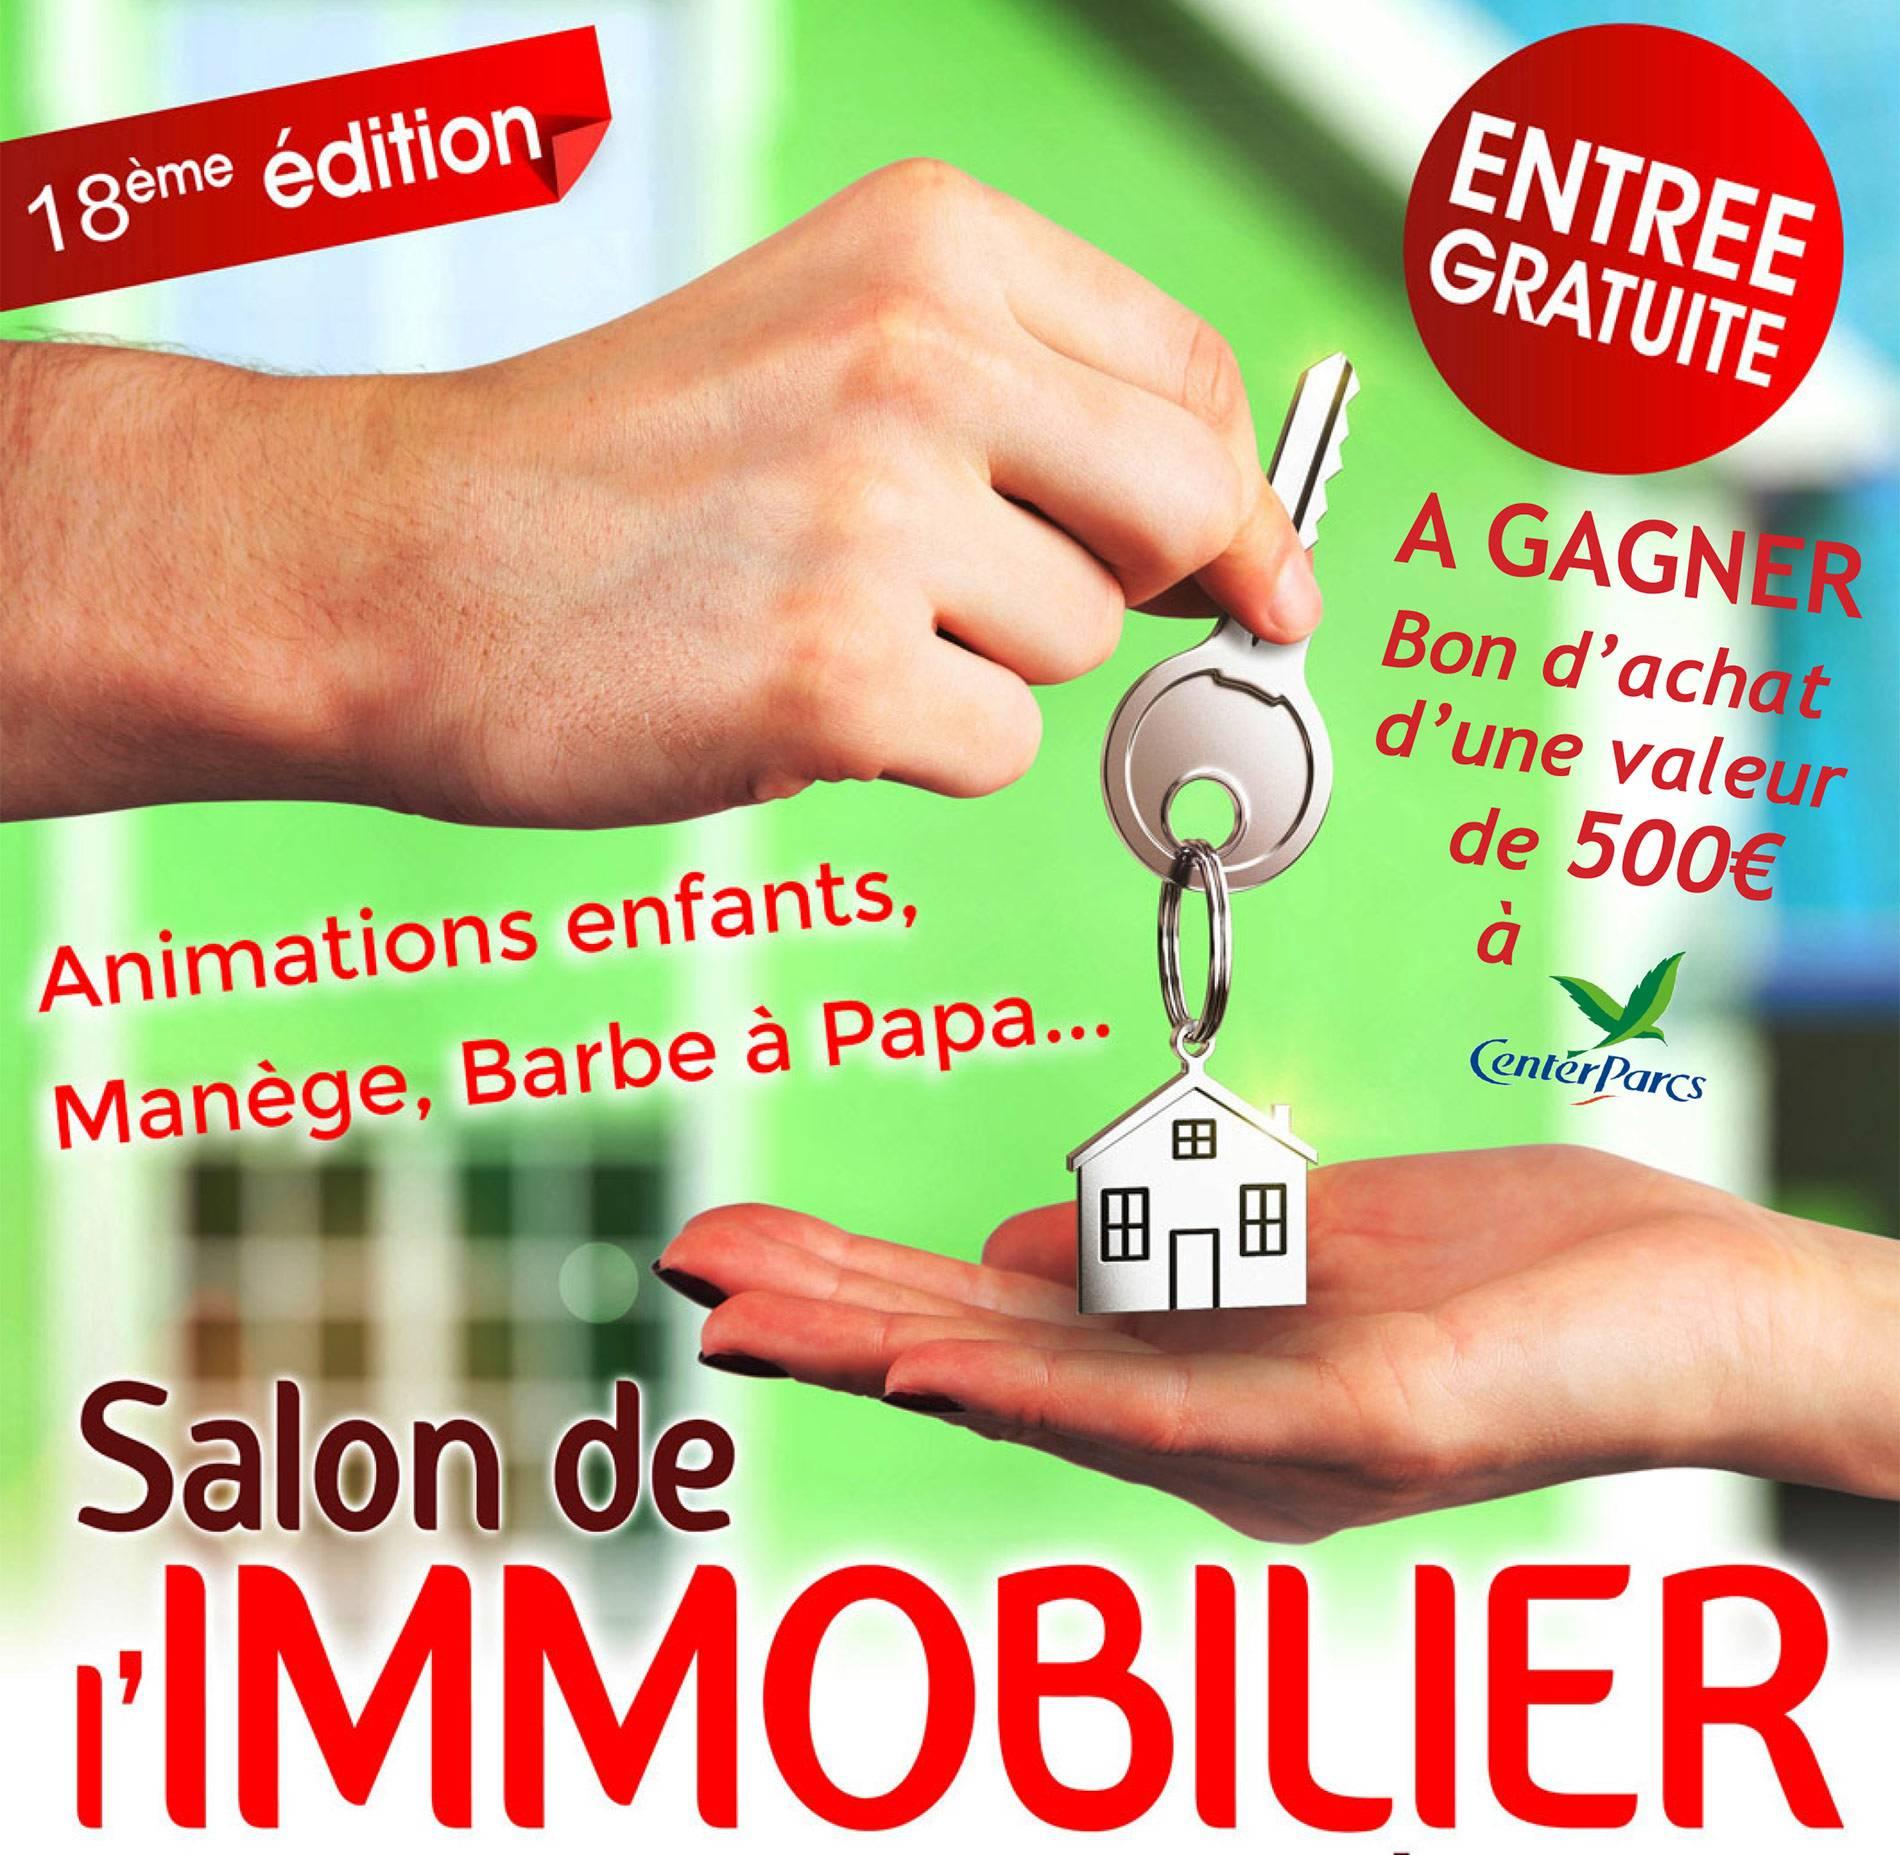 Salon de l'immobilier à Saint-Nazaire -Bon d'achat CenterParcs - CISN